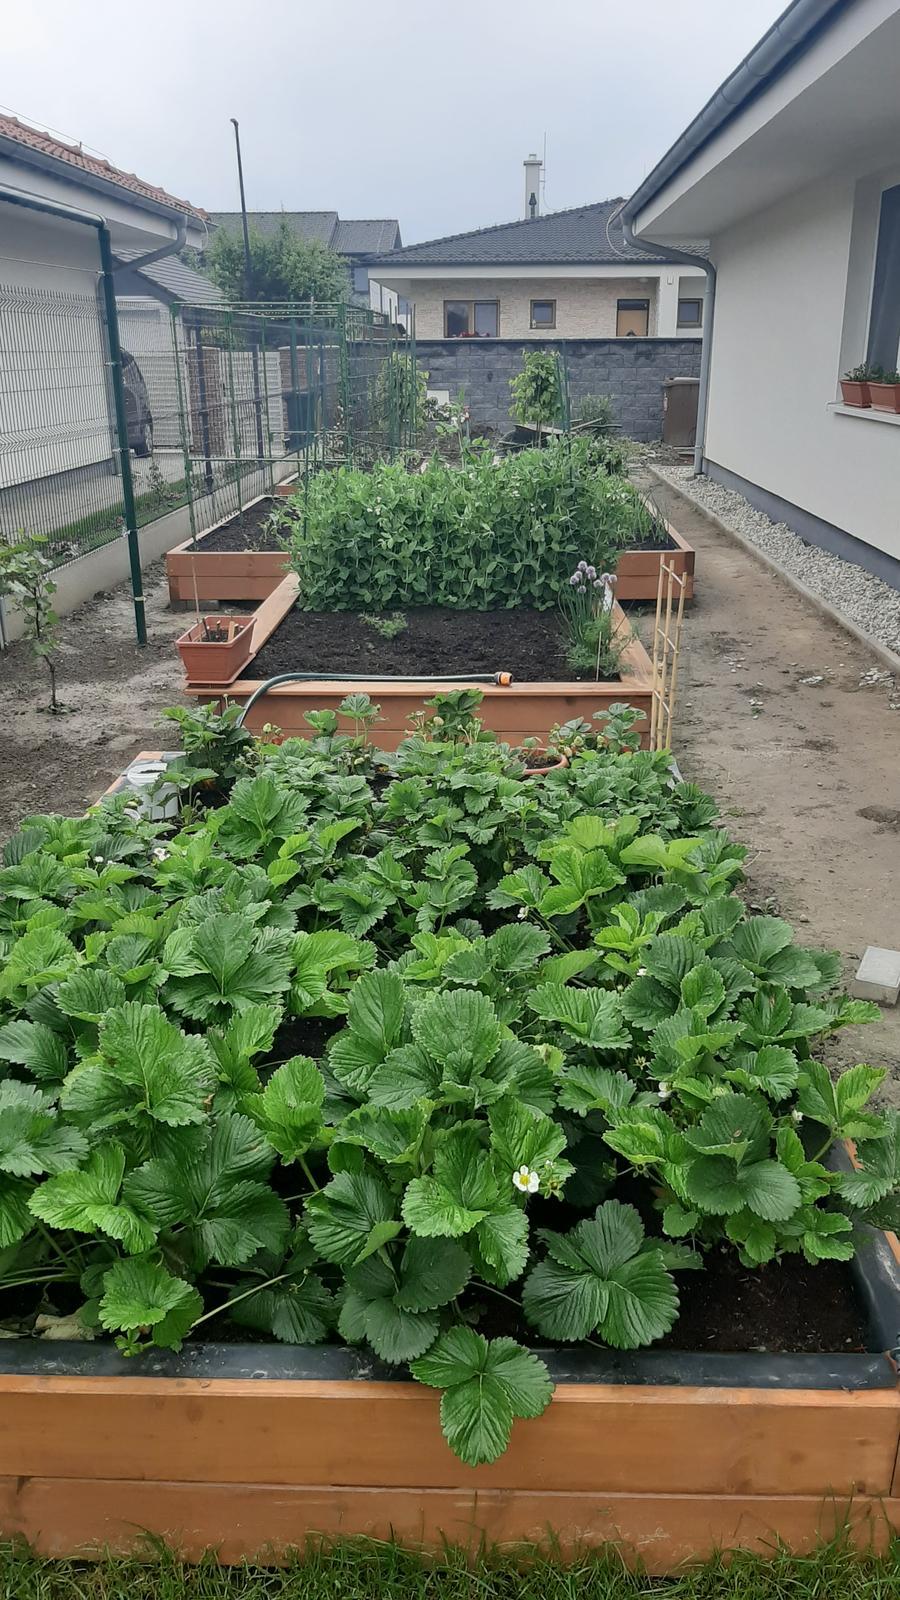 🏠🌞🌺❤🌷 Zahrada a jej dalsi rok...2020 🌱🐞🐛🦋🍓🥕🍅🌺❤ - Tohto roku snad upravime okolie zahonov....prvy zahon jahody, dalsi je zatial hrasok a pribudne tam paprika. Dalsie dva uhorky s kaleraom, vedla cibula a mrkva s petrzlenom. Cibulu priebezne jeme a dosievam dalsiu mrkvu + dosadeny zeler.